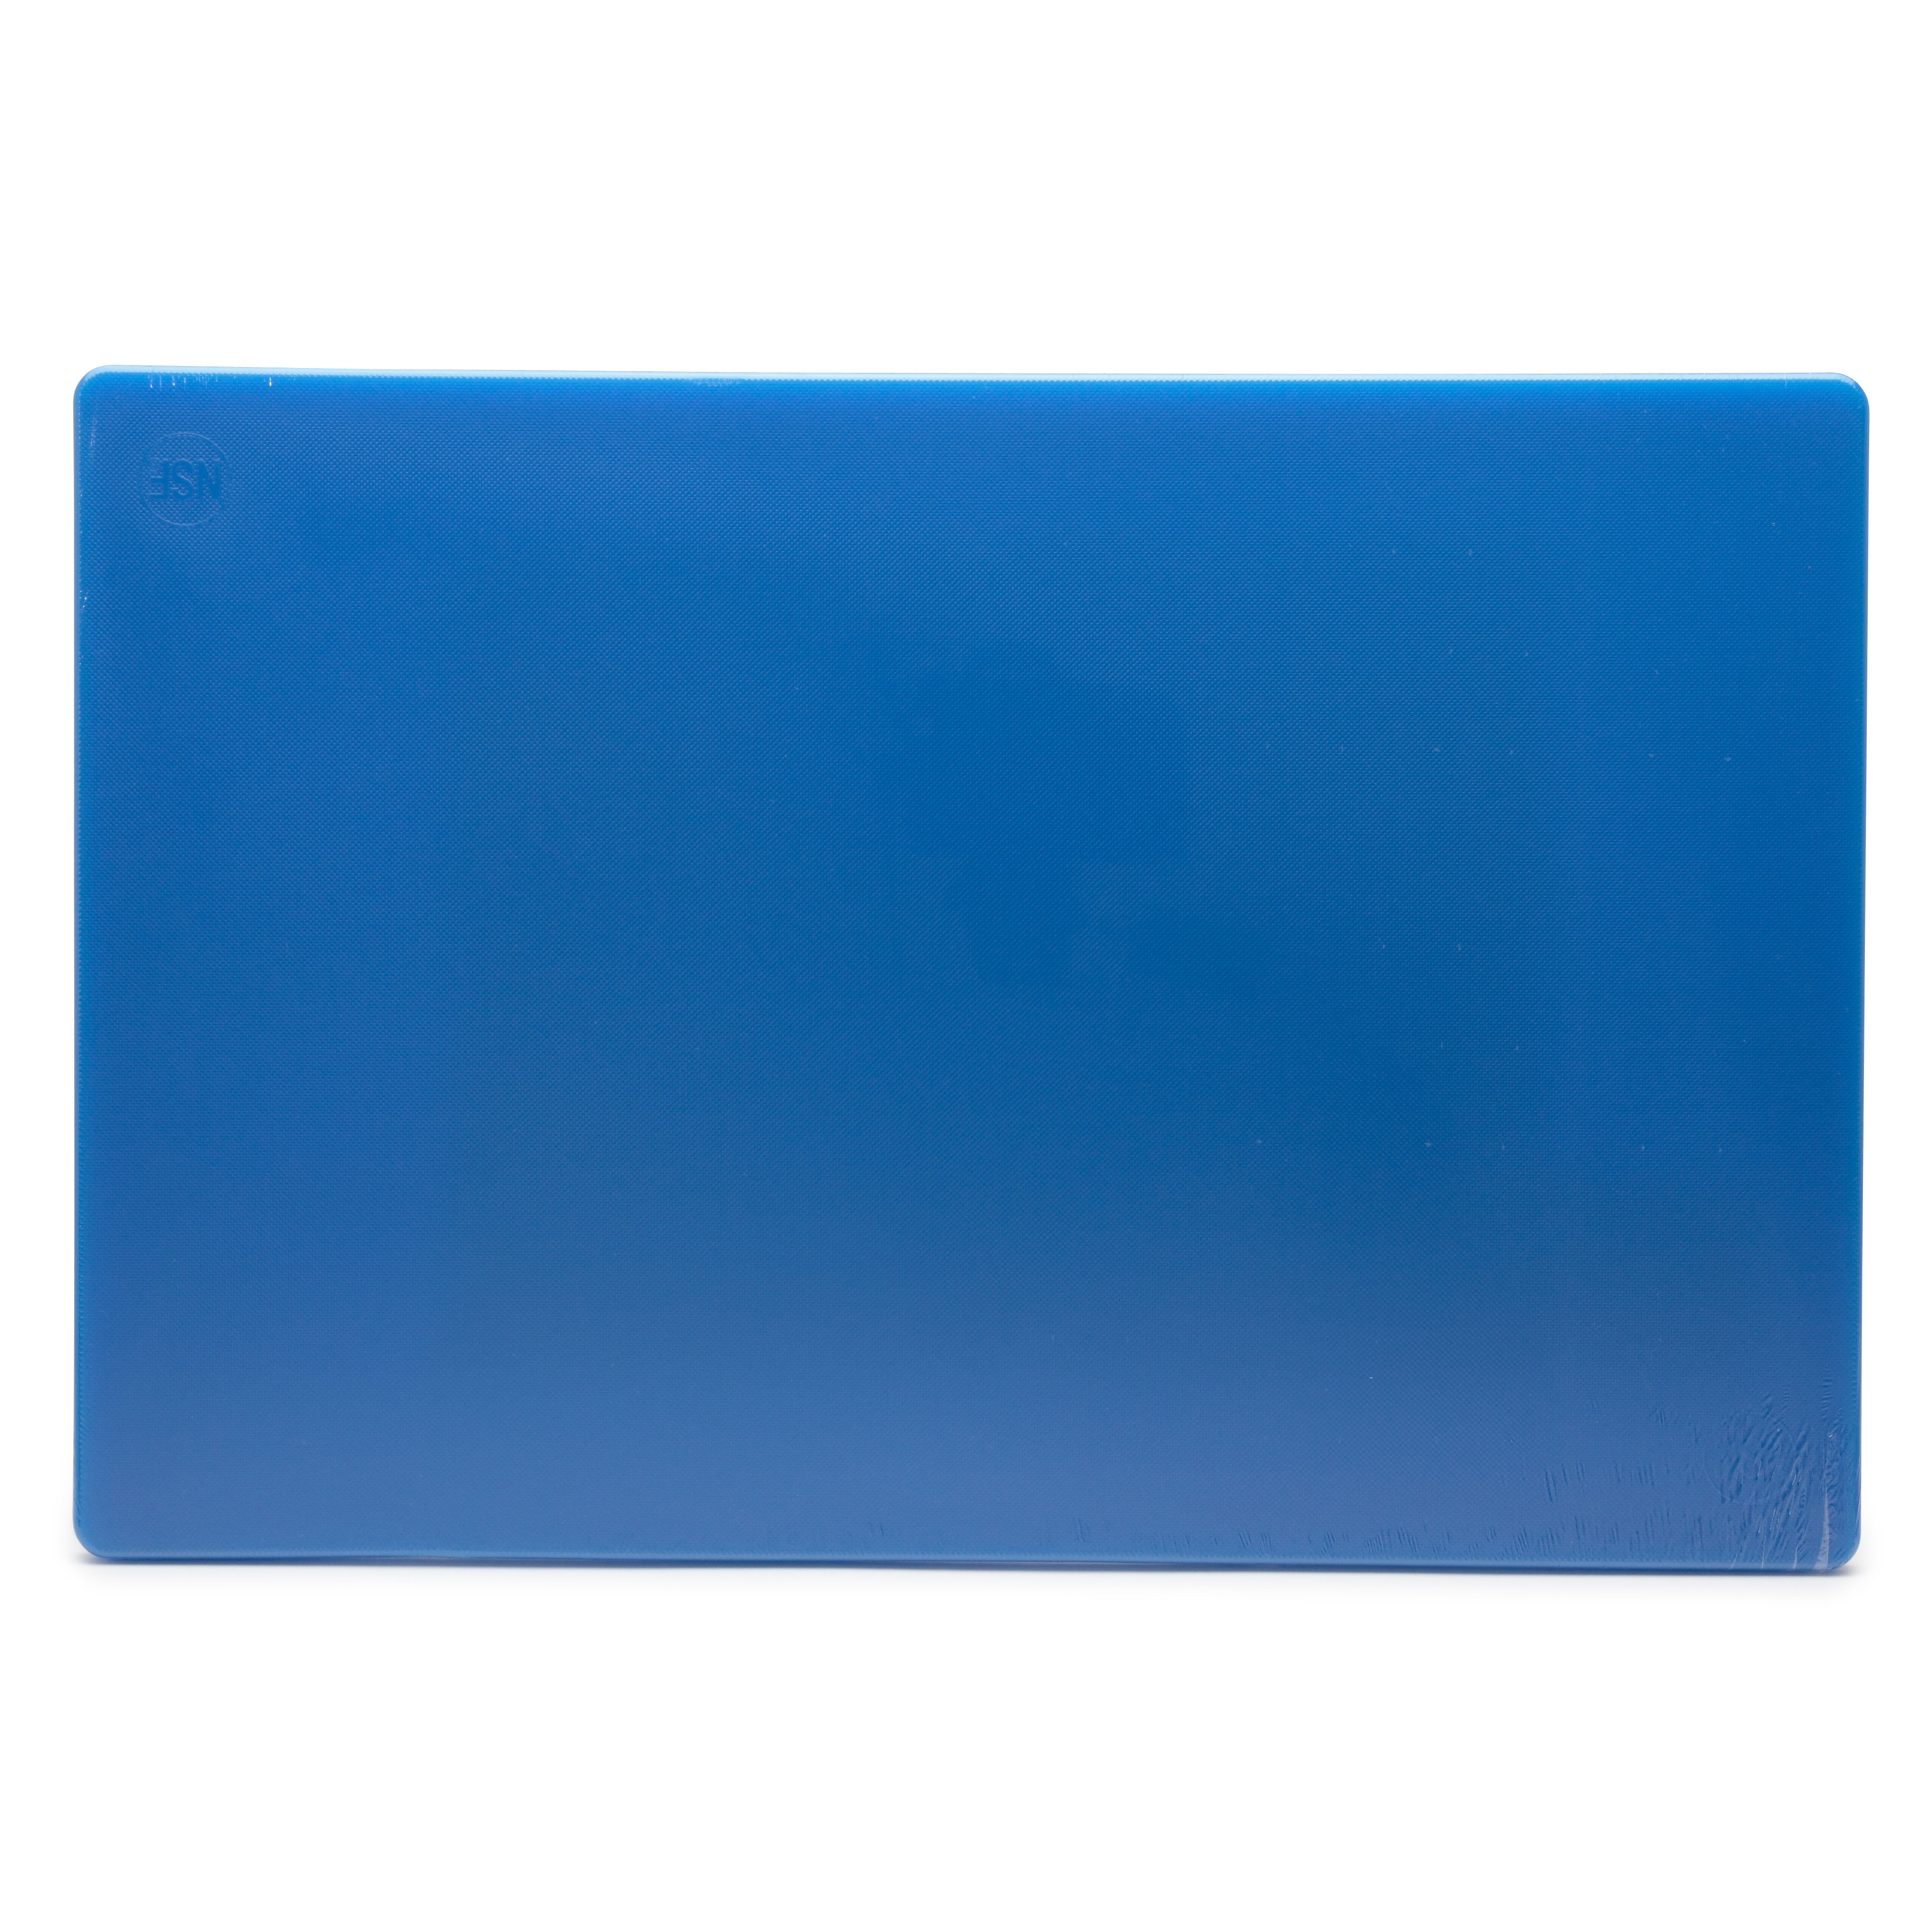 Royal Industries ROY CB 1520 BL cutting board, plastic